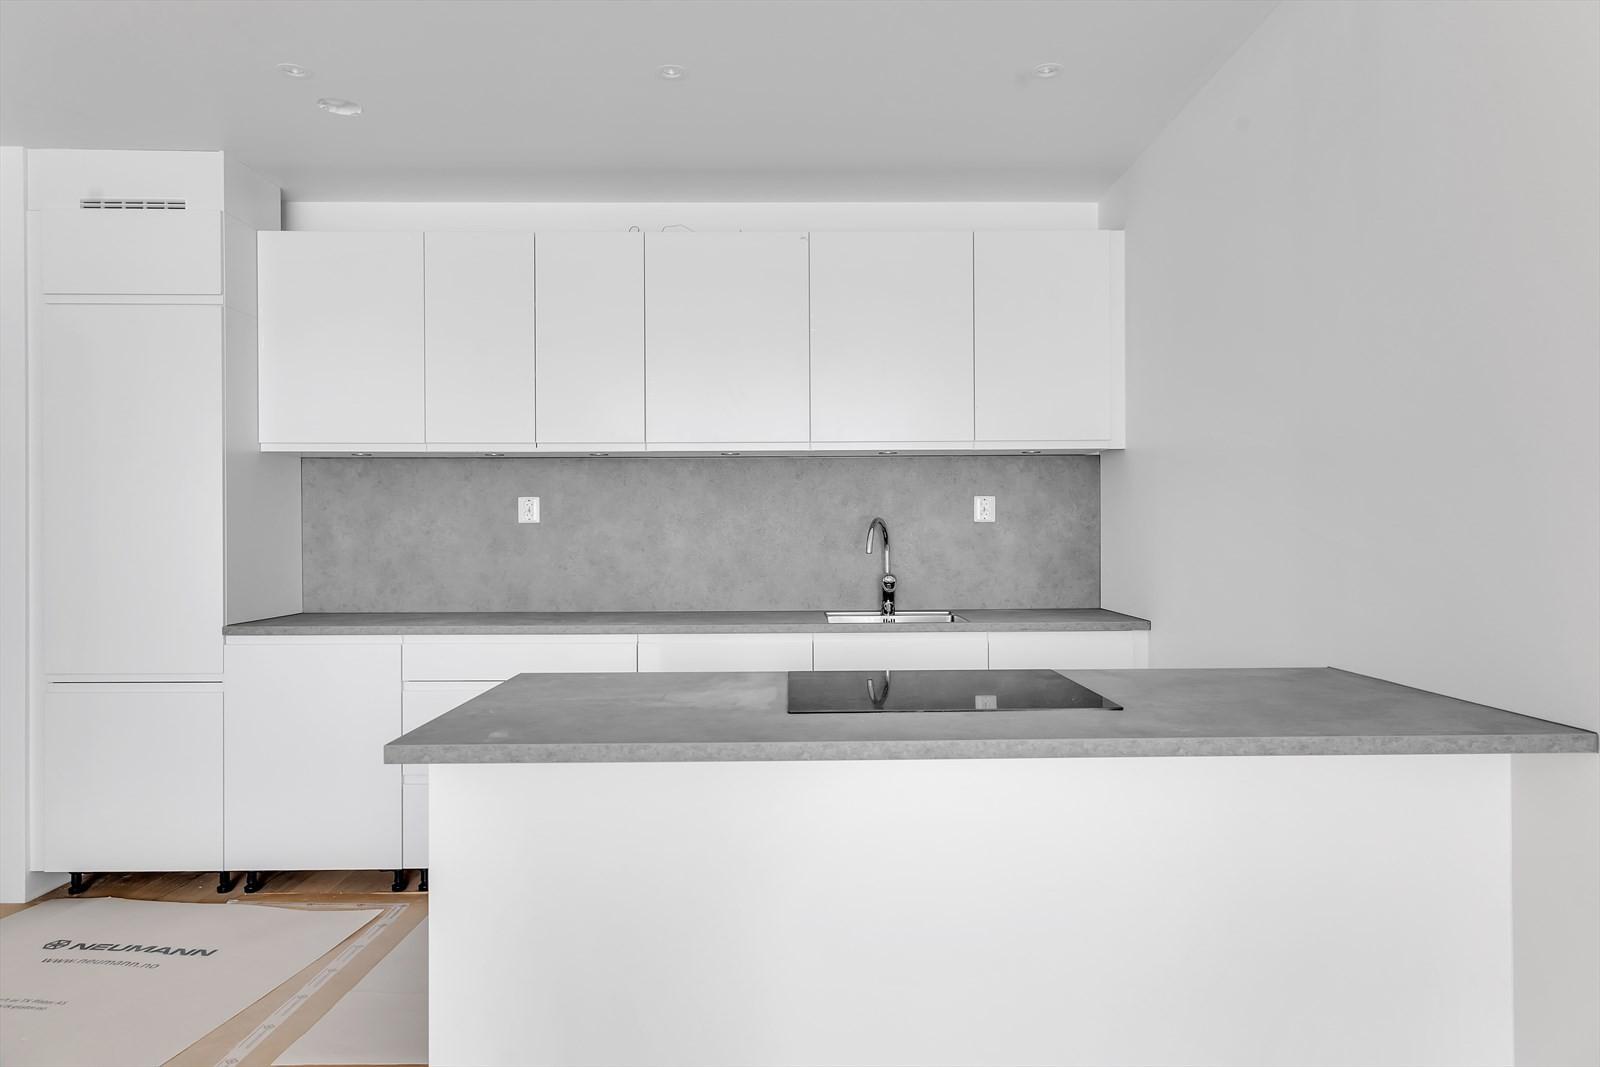 Vi levere Kvik kjøkken med integrerte hvitevarer - dette kjøkkenet er fra en annen leilighet